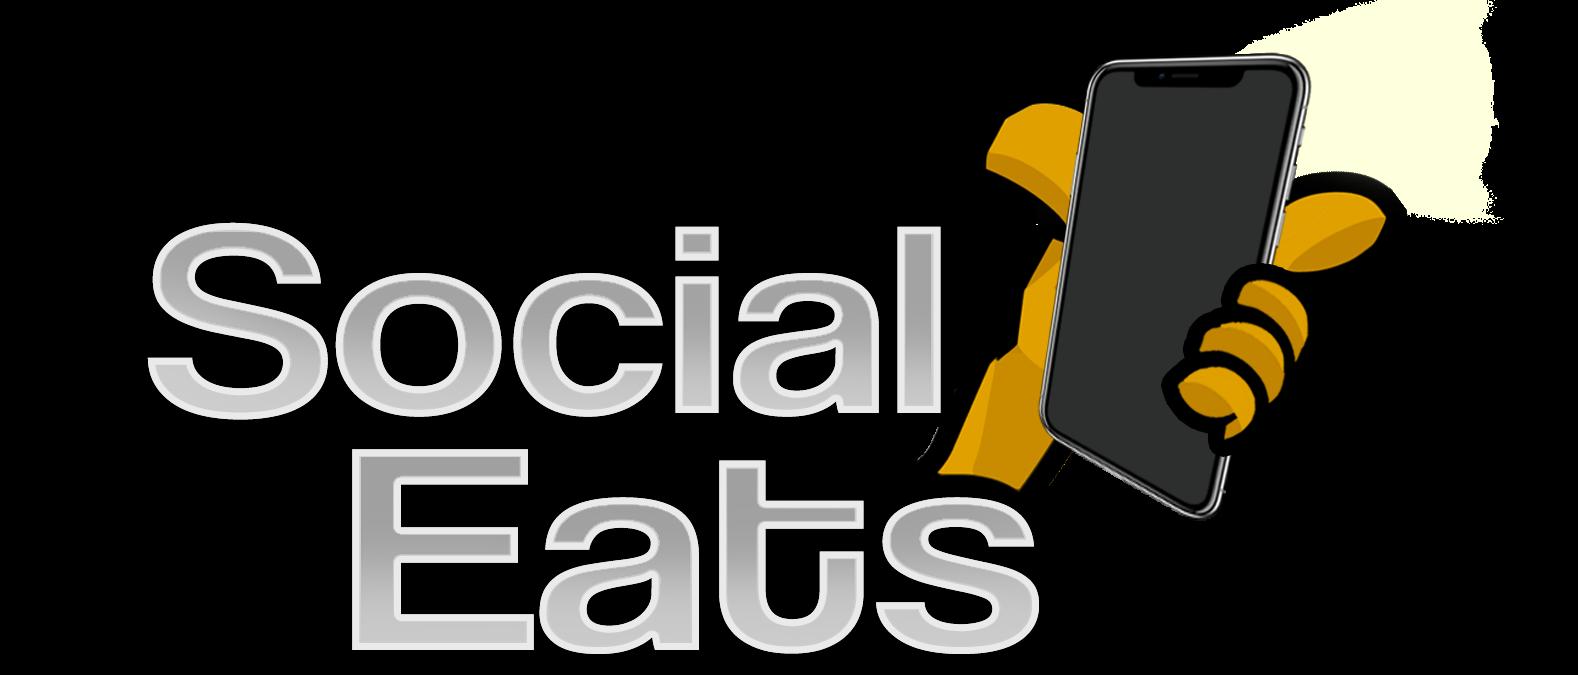 News | Social Eats